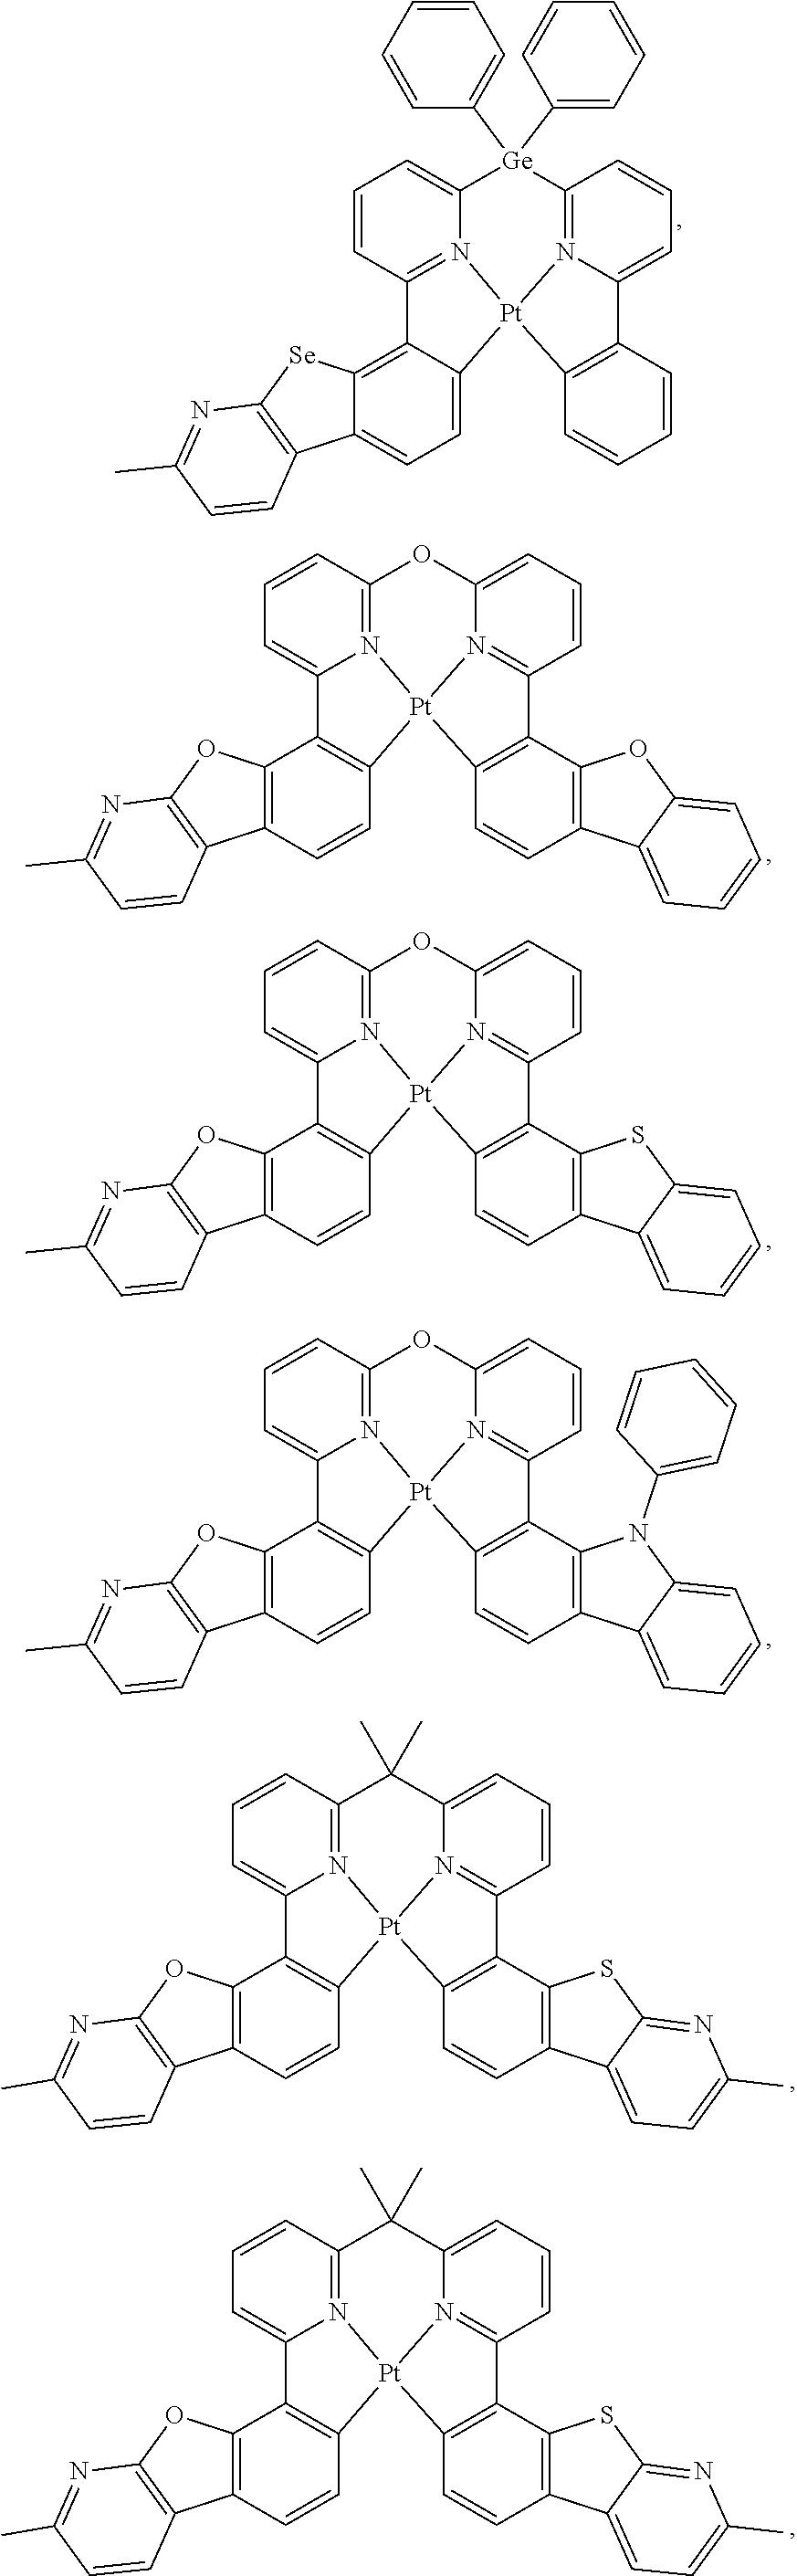 Figure US09871214-20180116-C00019